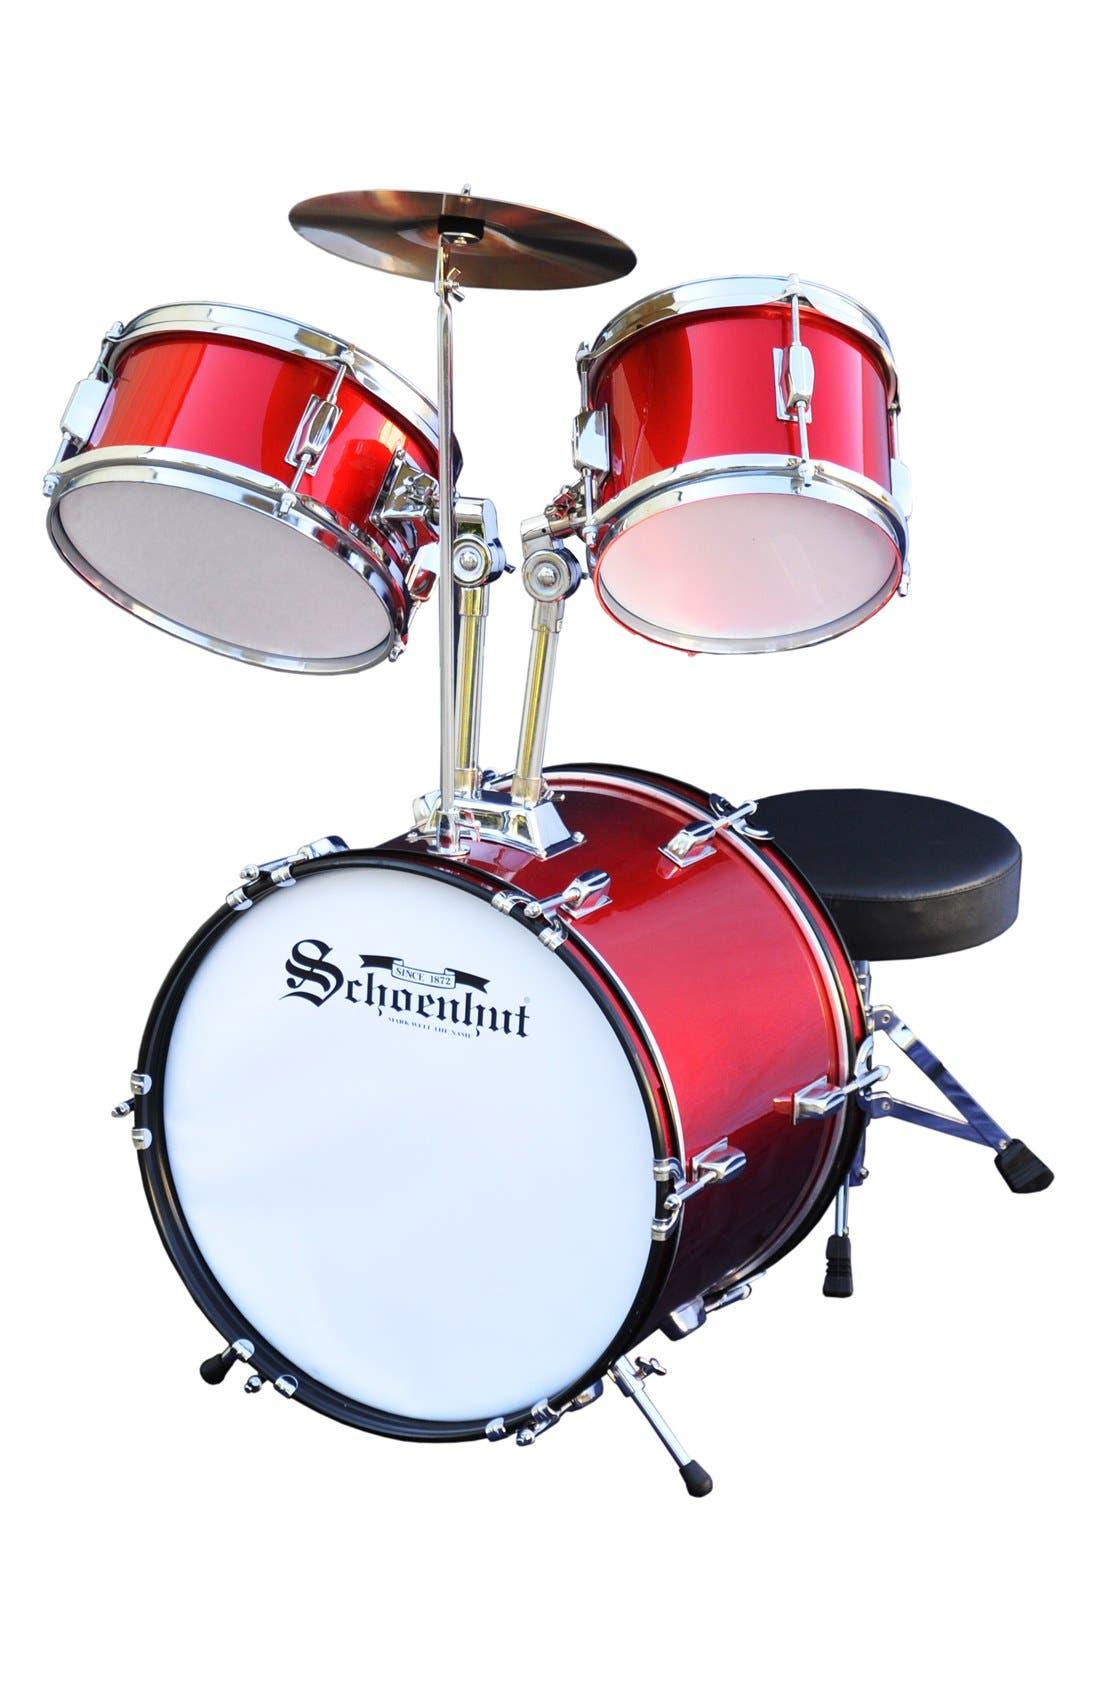 Toddler Schoenhut 5Piece Drum Set